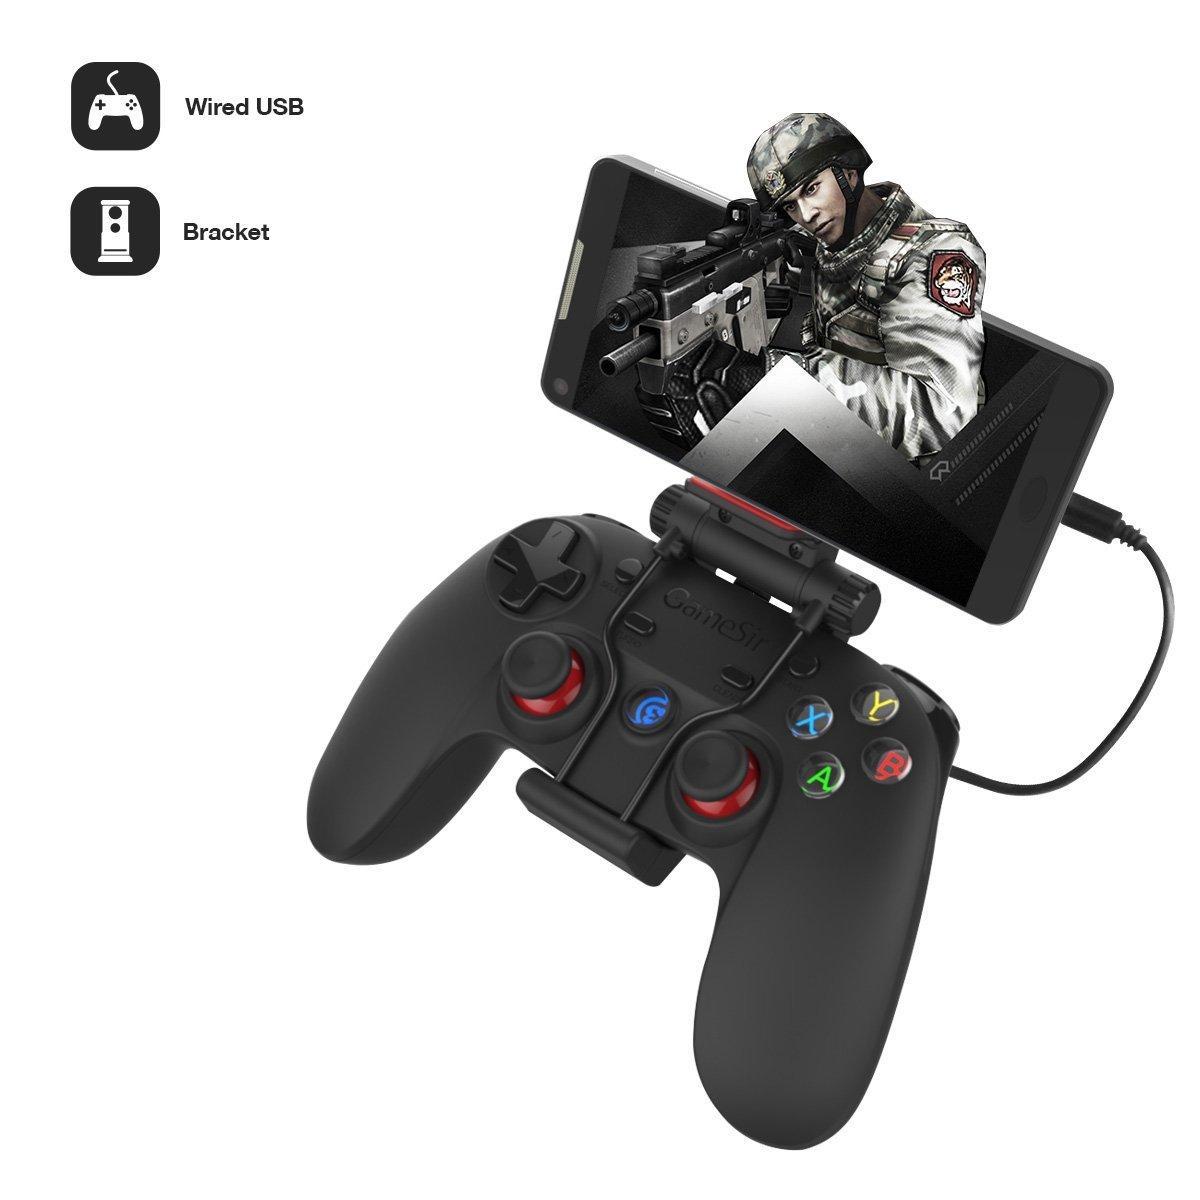 Manette de jeu  Gamesir G3w pour Smartphone, PC et PS3